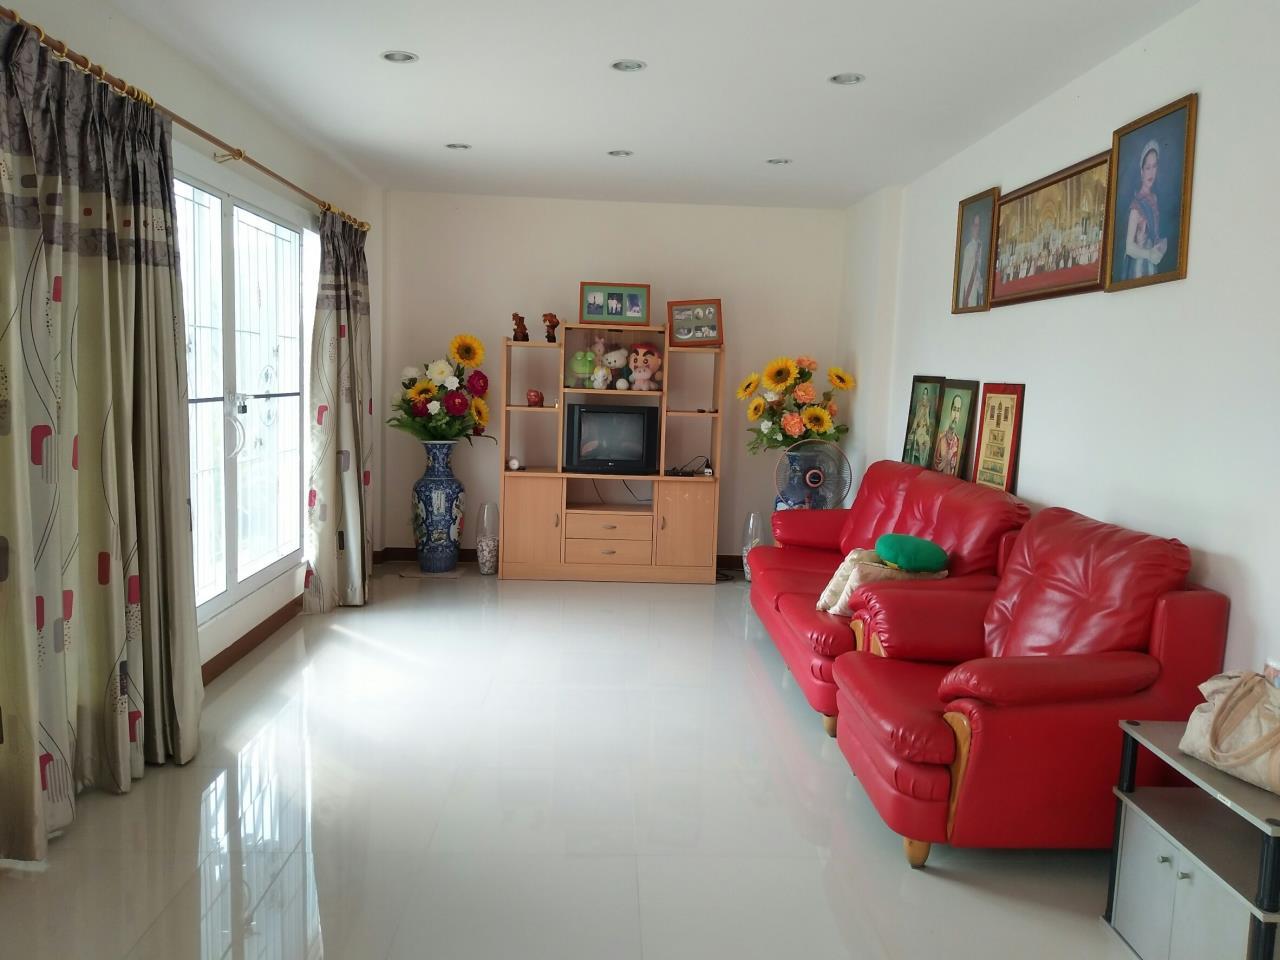 ขาย บ้าน แขวงกระทุ่มราย เขตหนองจอก กรุงเทพมหานคร, ภาพที่ 5